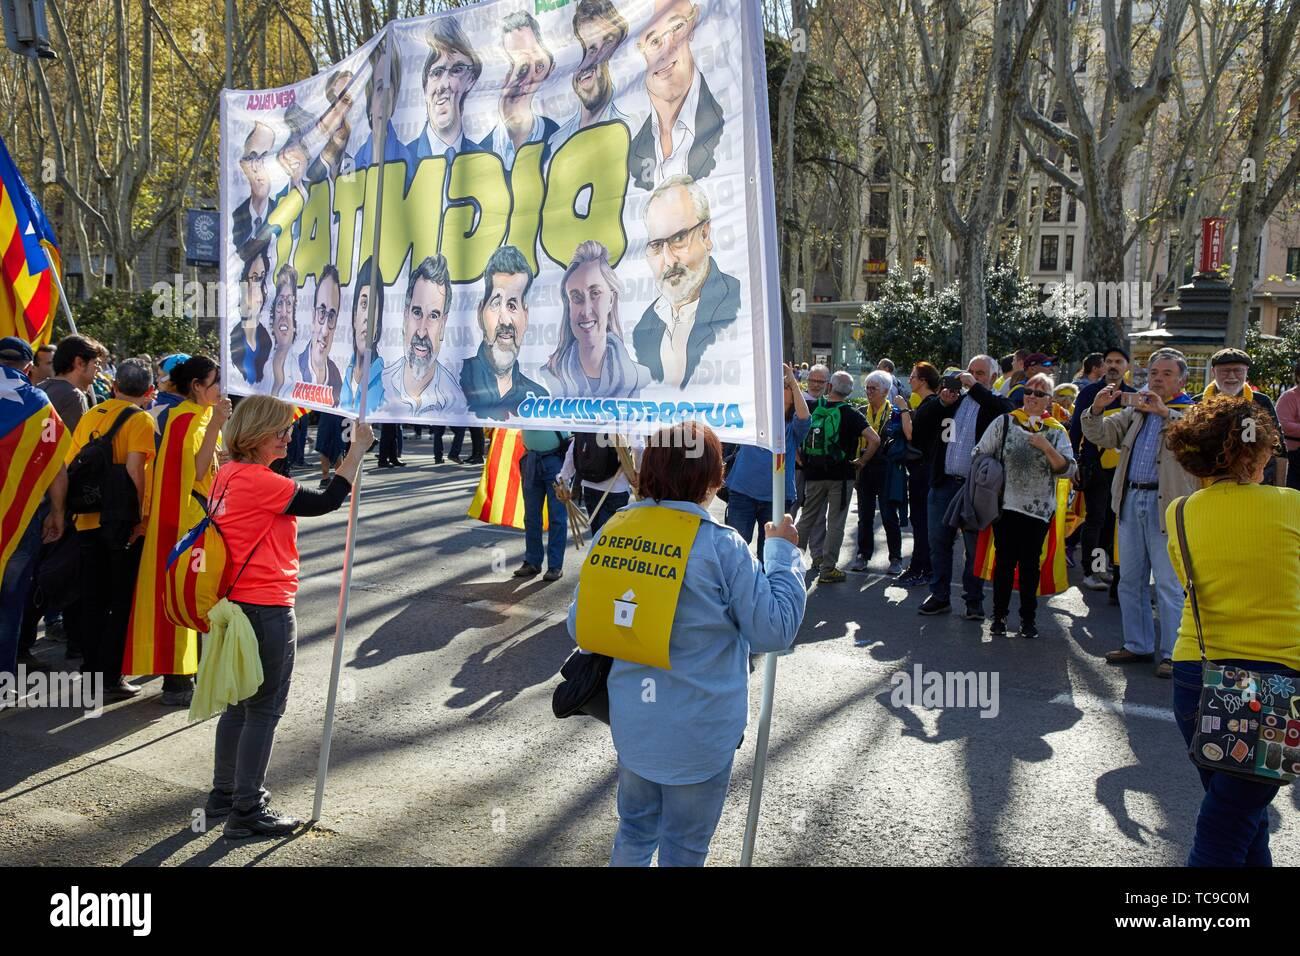 Demostración de catalanes exigiendo la independencia, el Paseo del Prado, Madrid, España Foto de stock